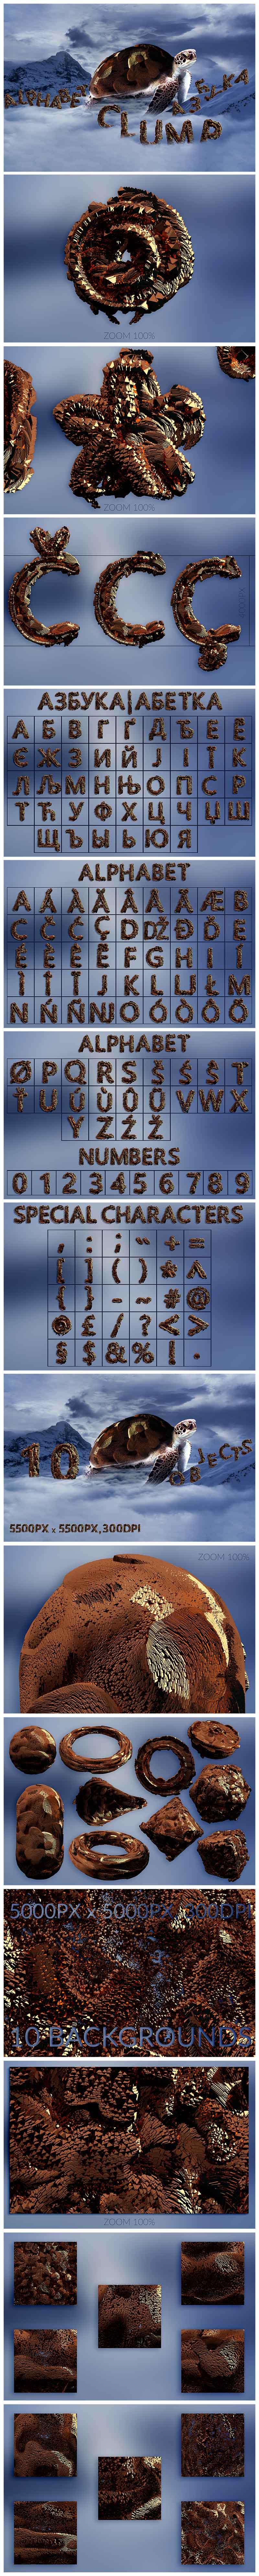 Huge Graphic Bundle Alphabet with 1000+ elements - $25 - Clump min